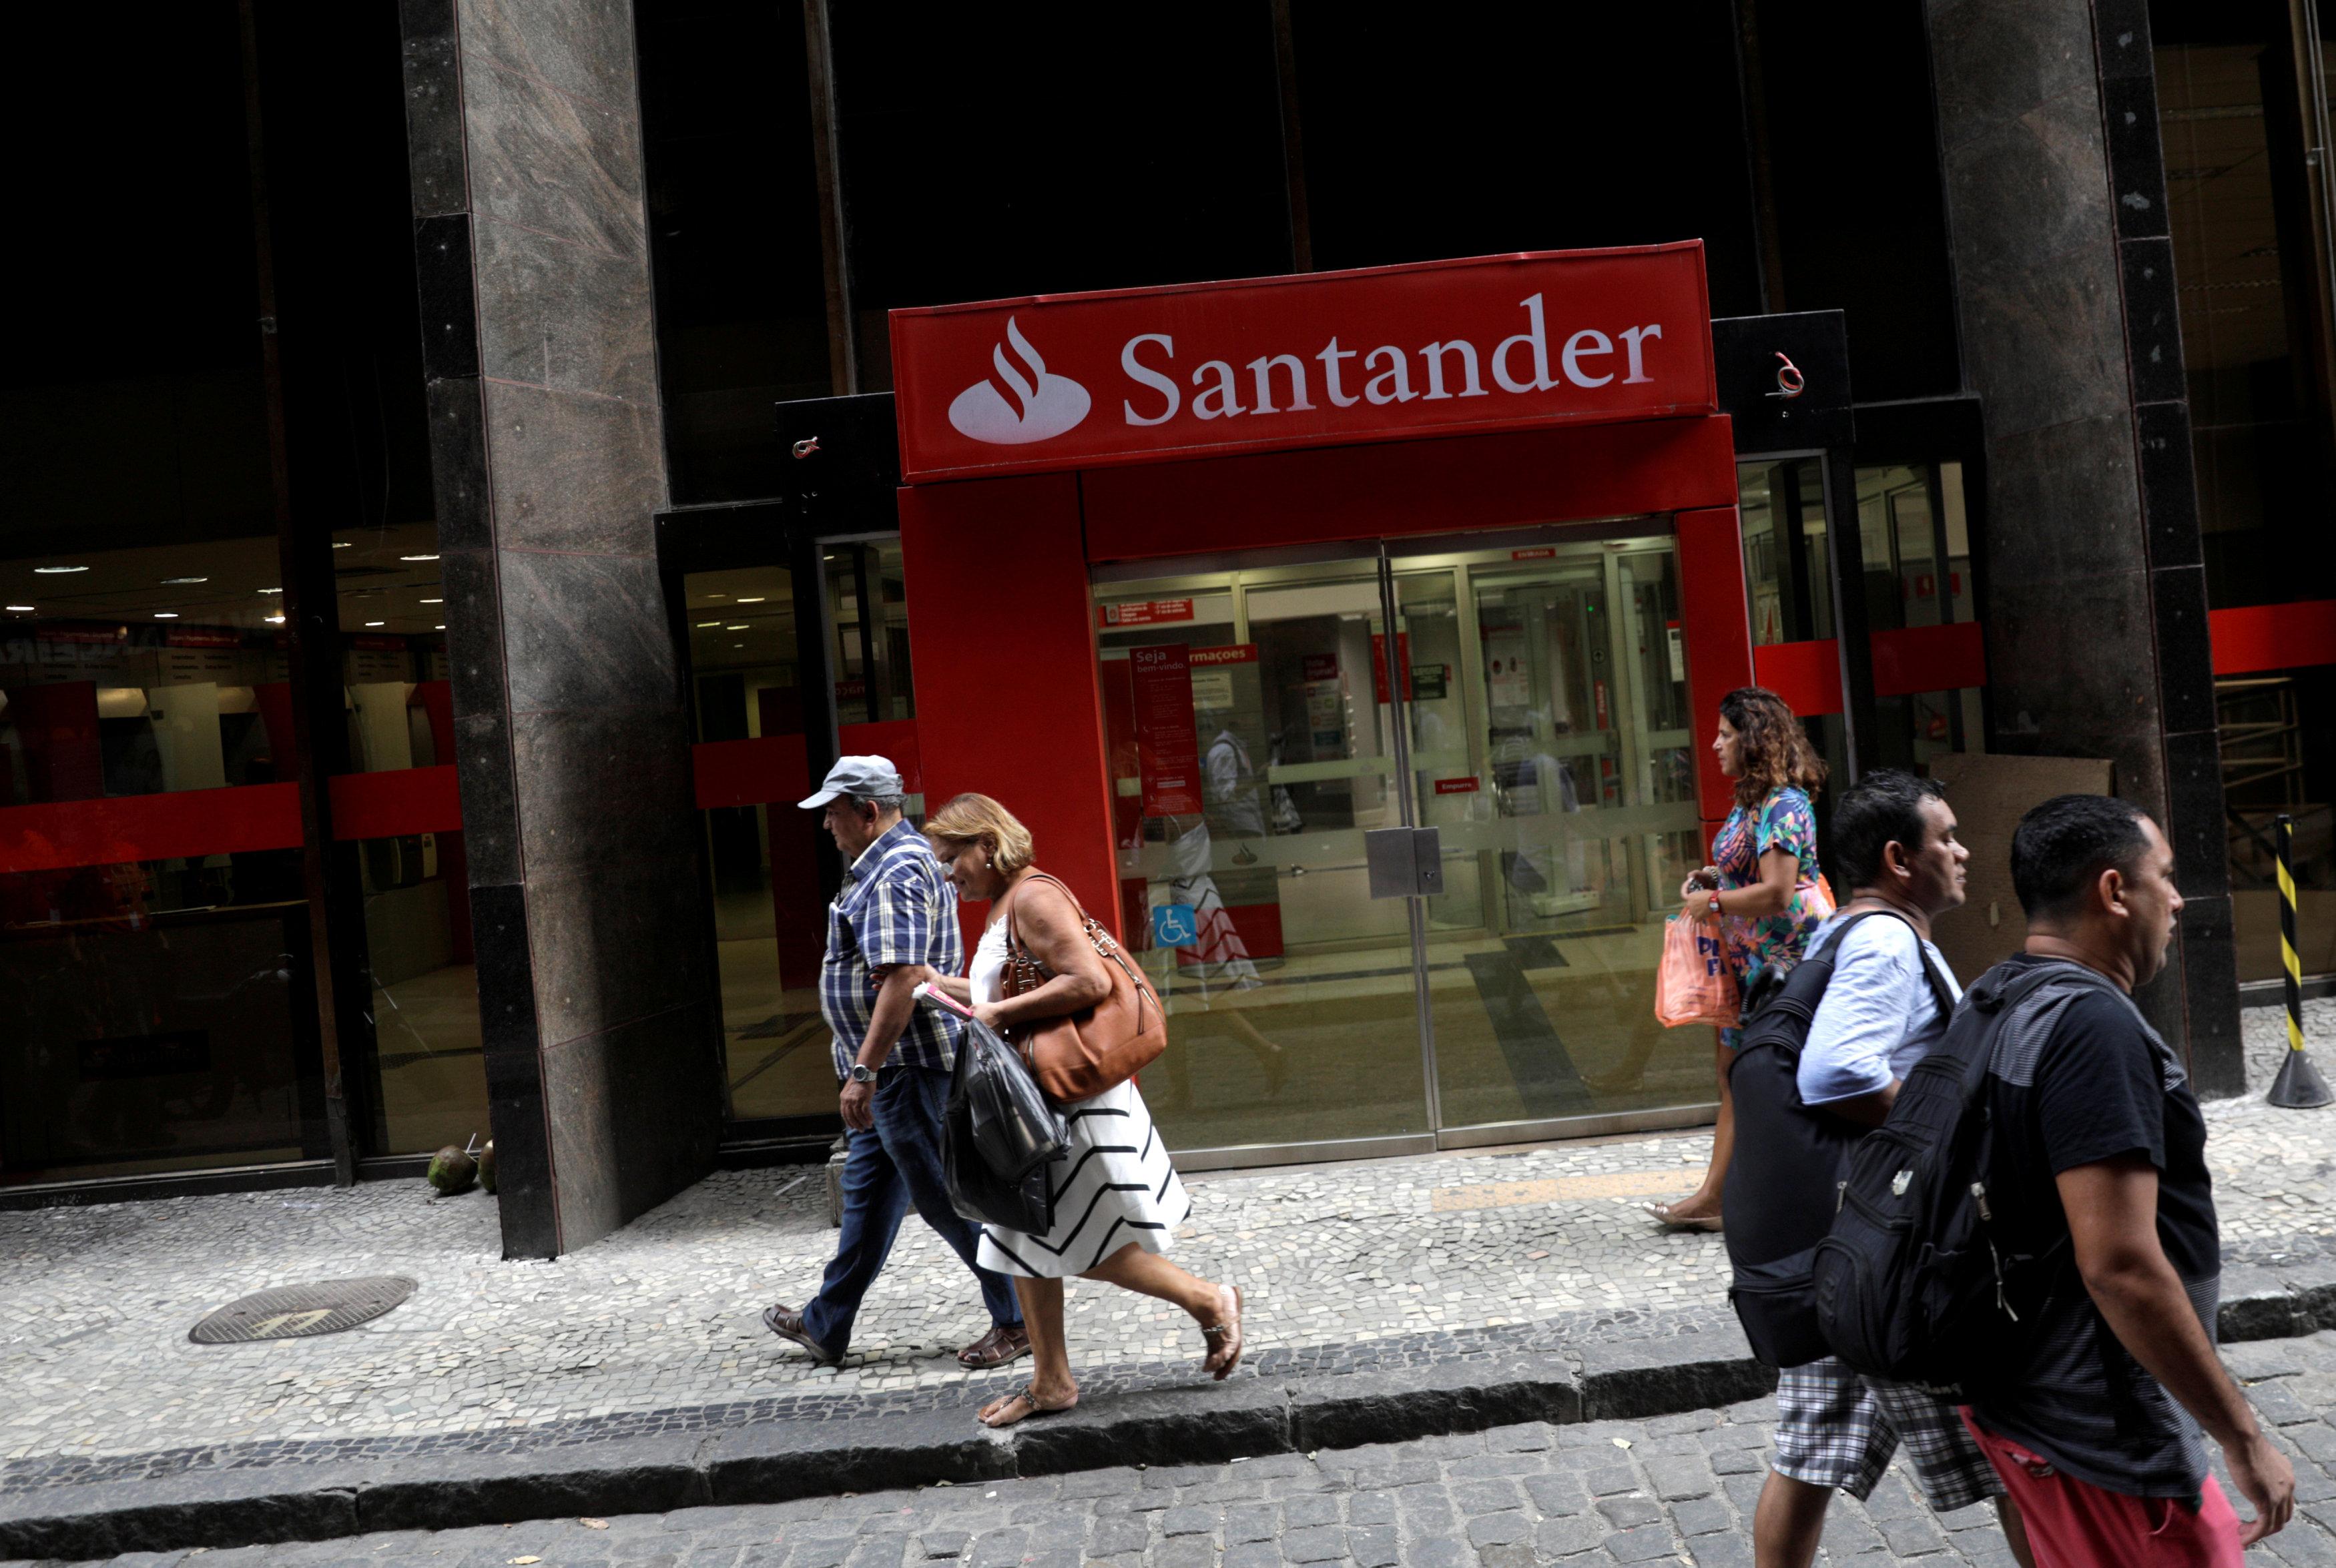 AMLO promete seguridad para bancos en reunión con presidenta de Santander